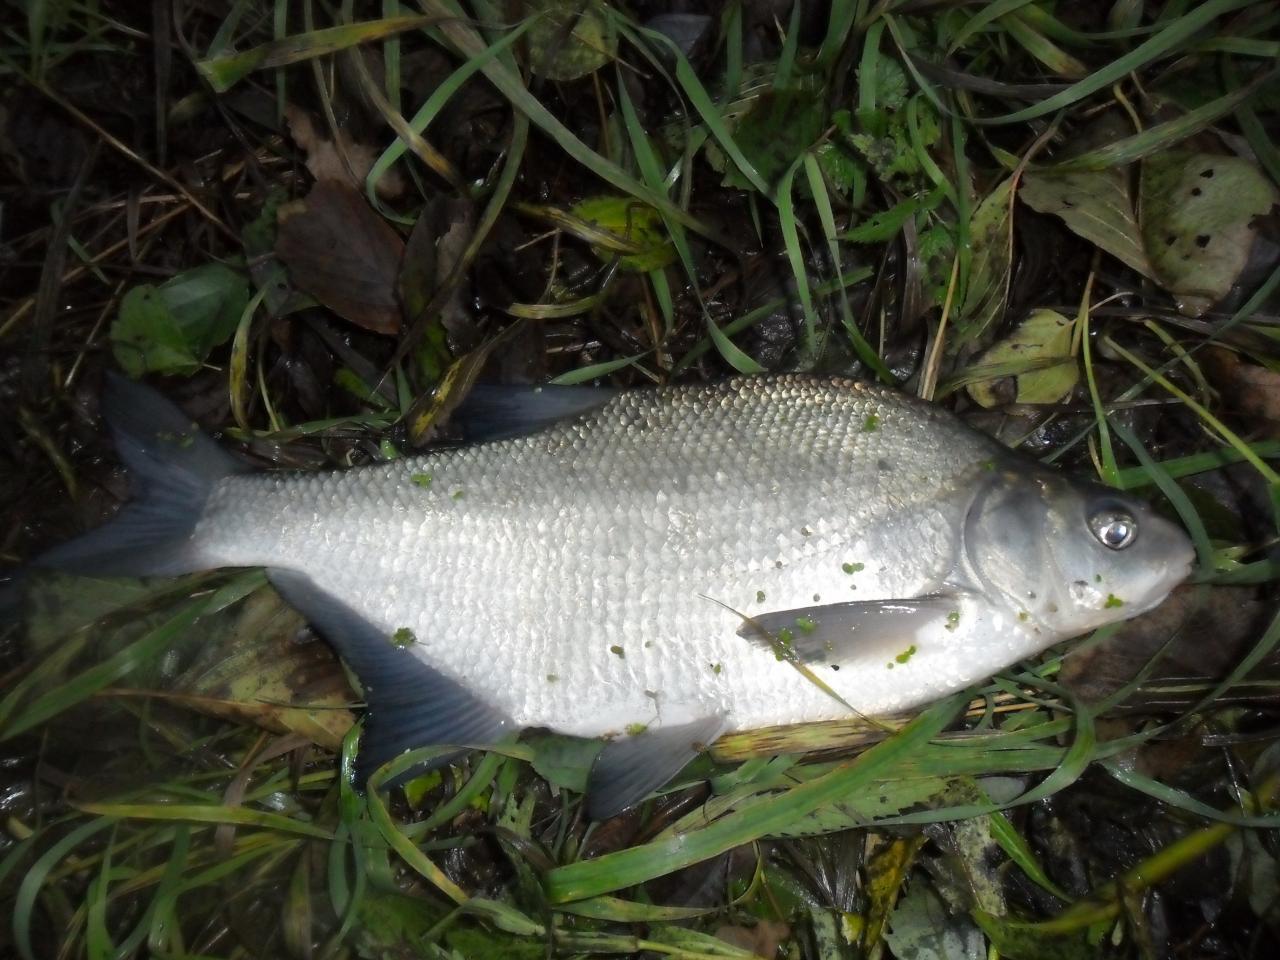 В пятницу был на реке. Щука питалась активно ... | Отчеты о рыбалке в Беларуси